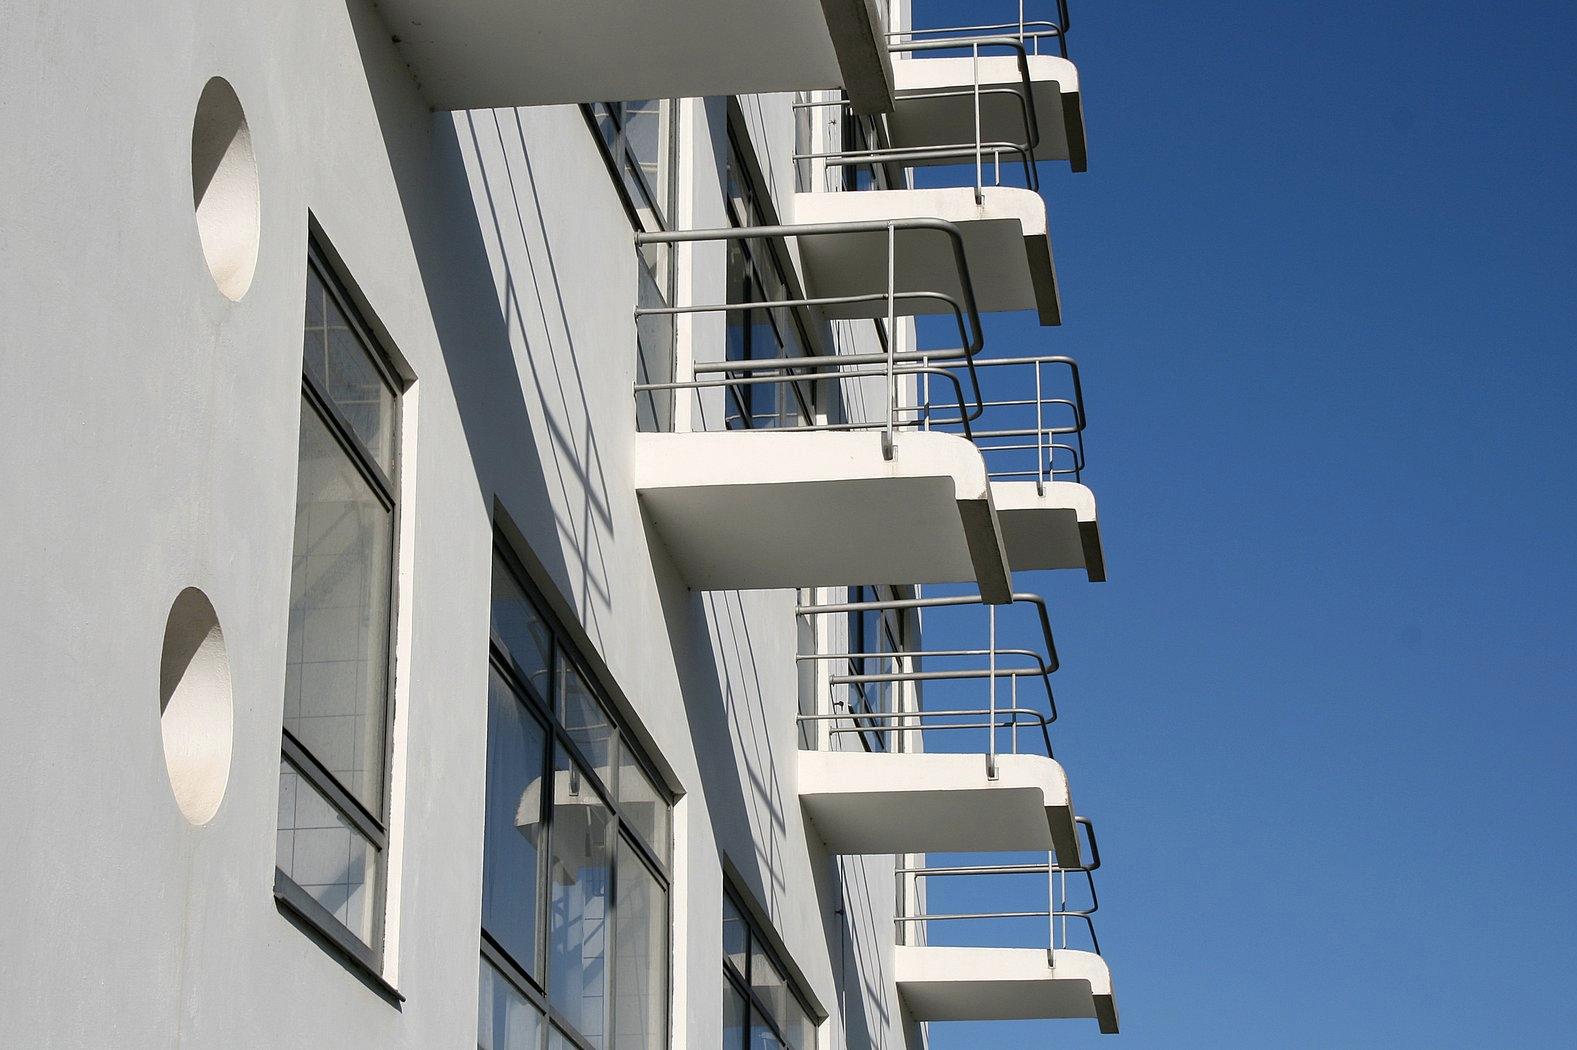 Bauhaus Dessau modernist holiday home for rent